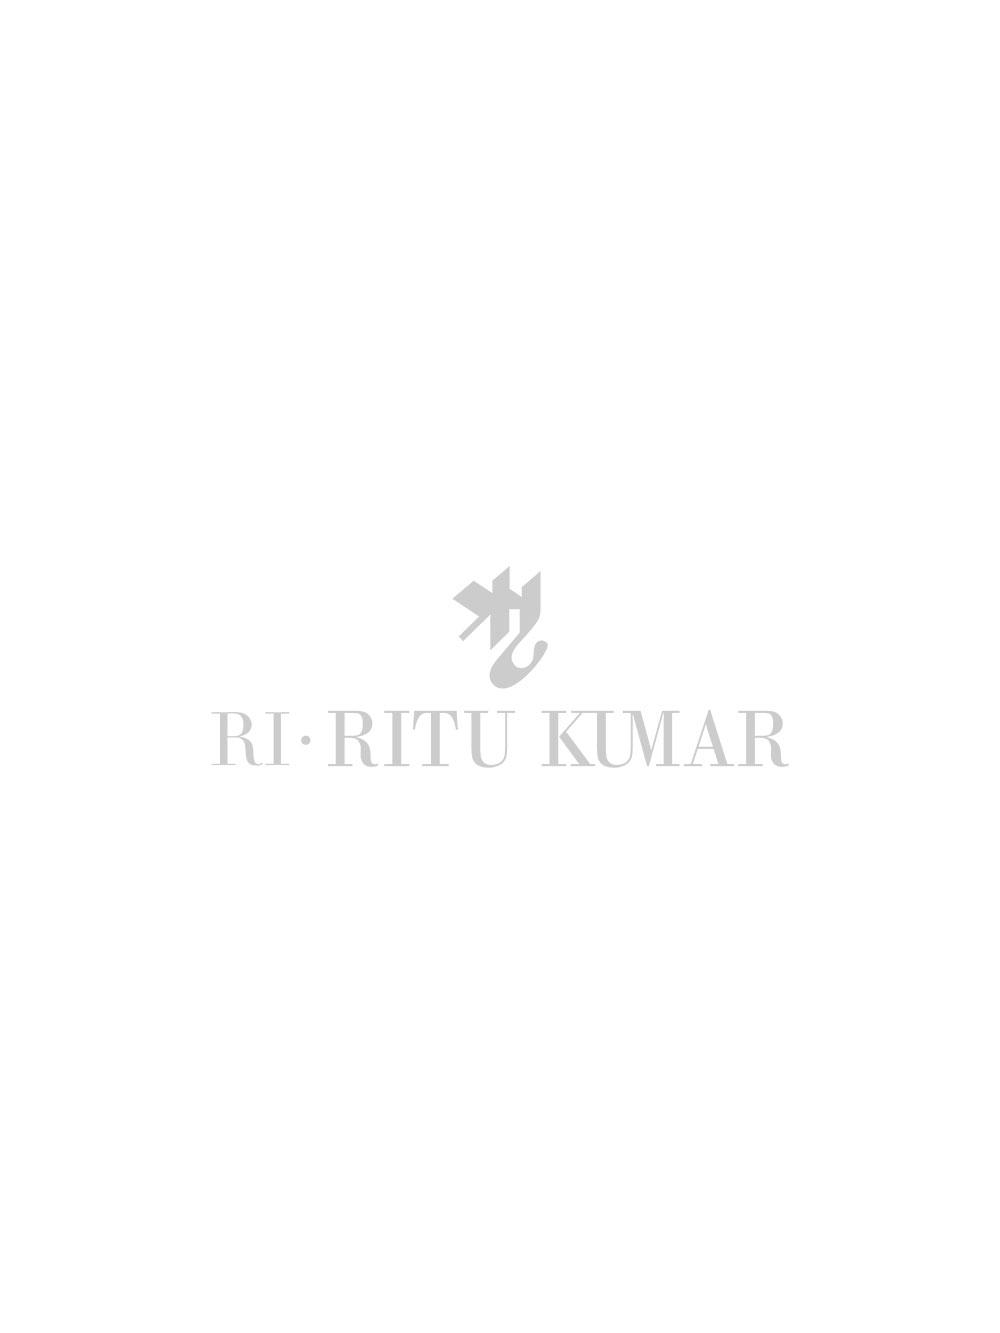 Khakhi & Rust Embroidered Kurta With Dupatta And Palazzo